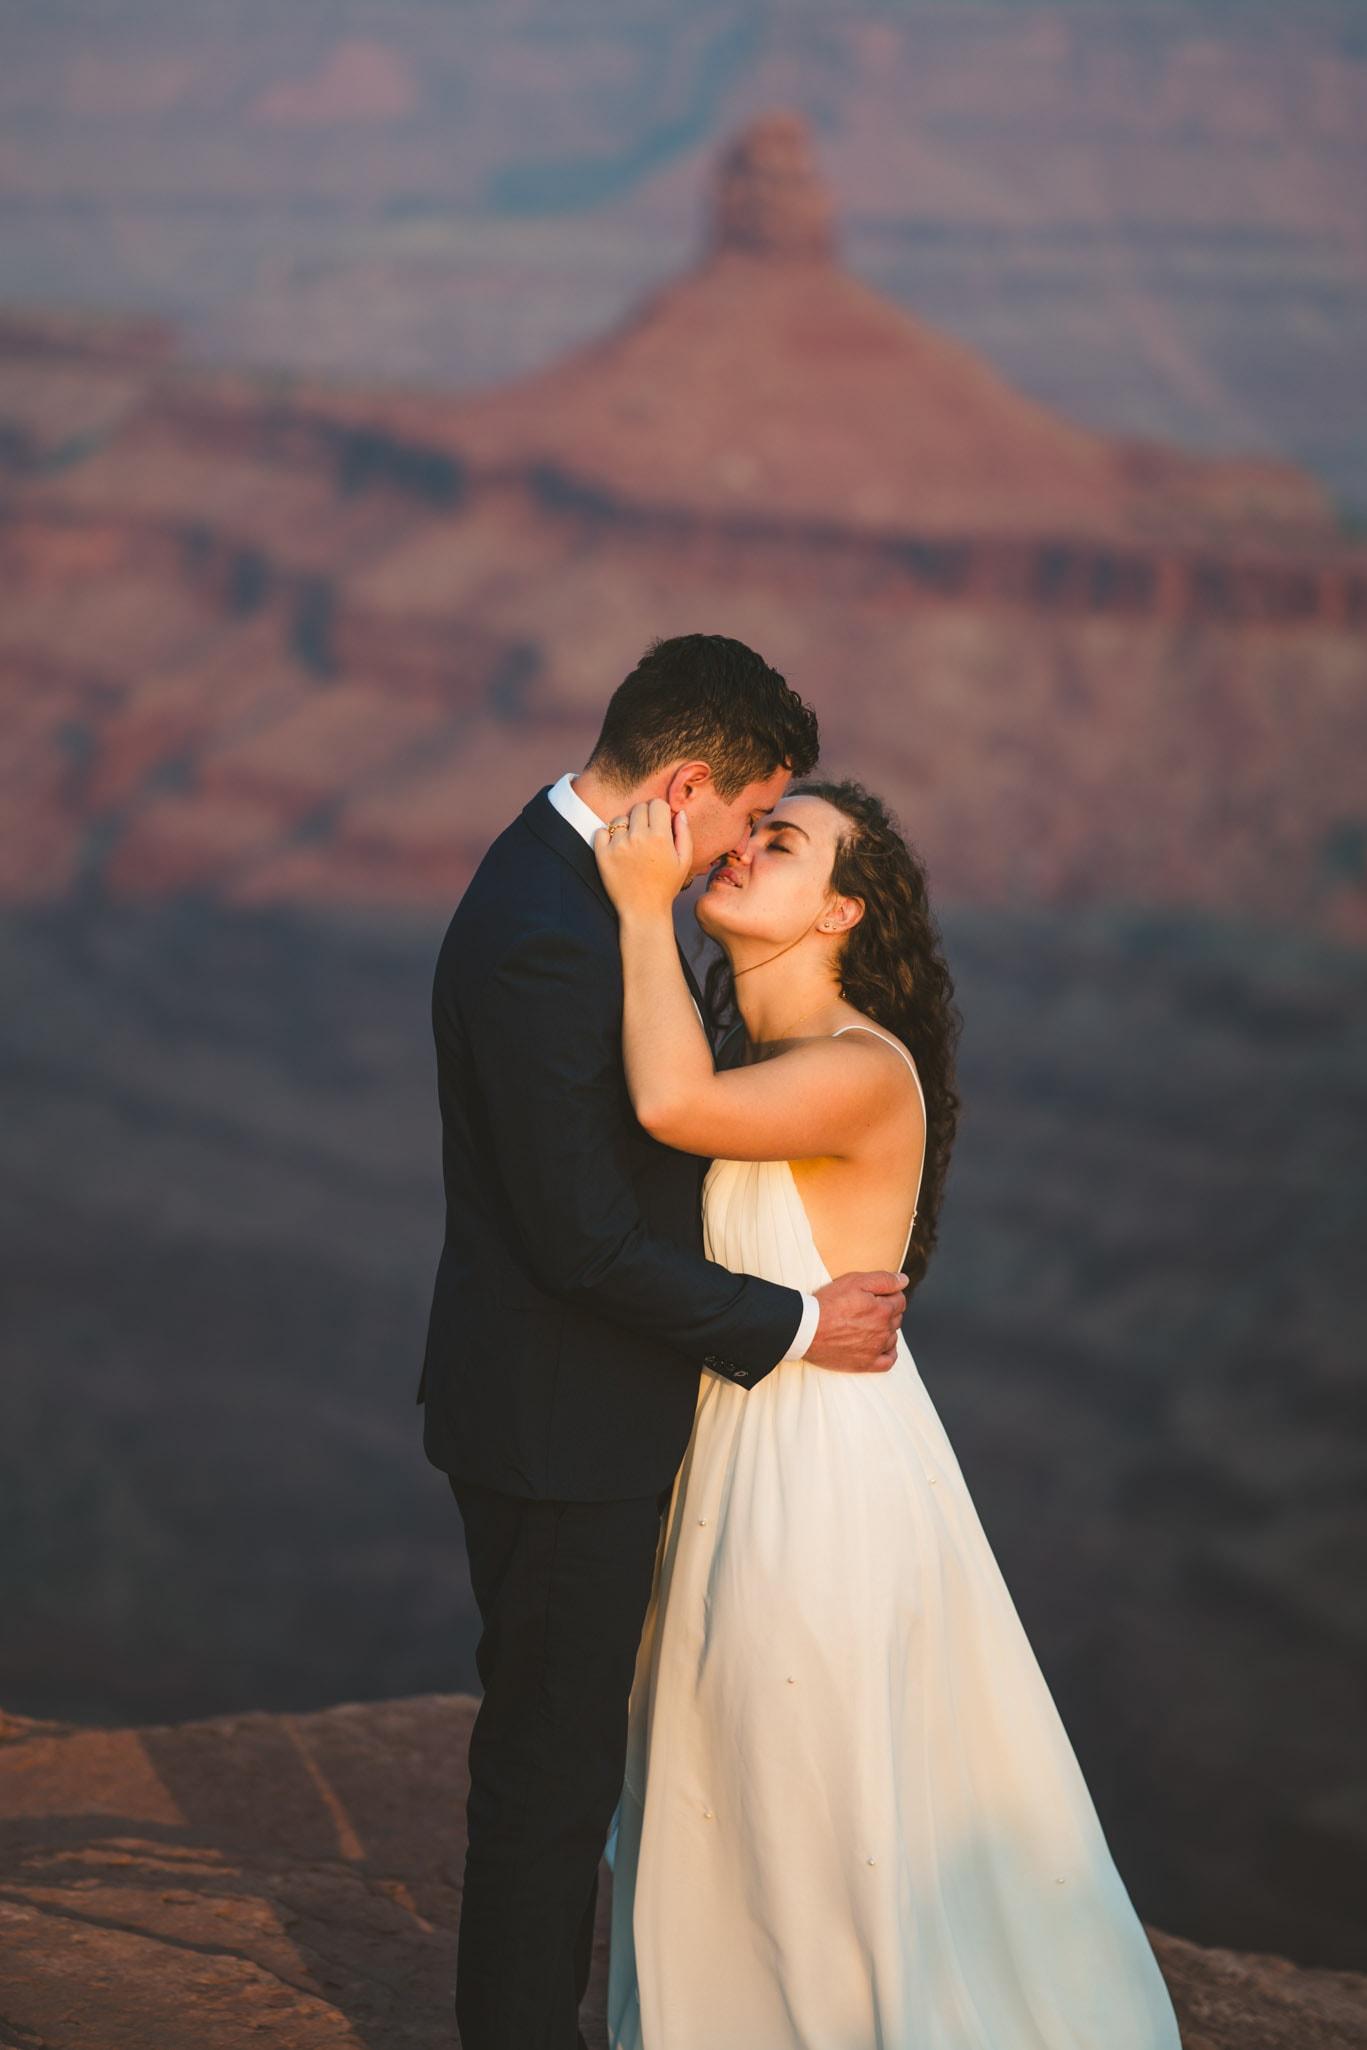 Sunrise wedding photo in Moab Utah